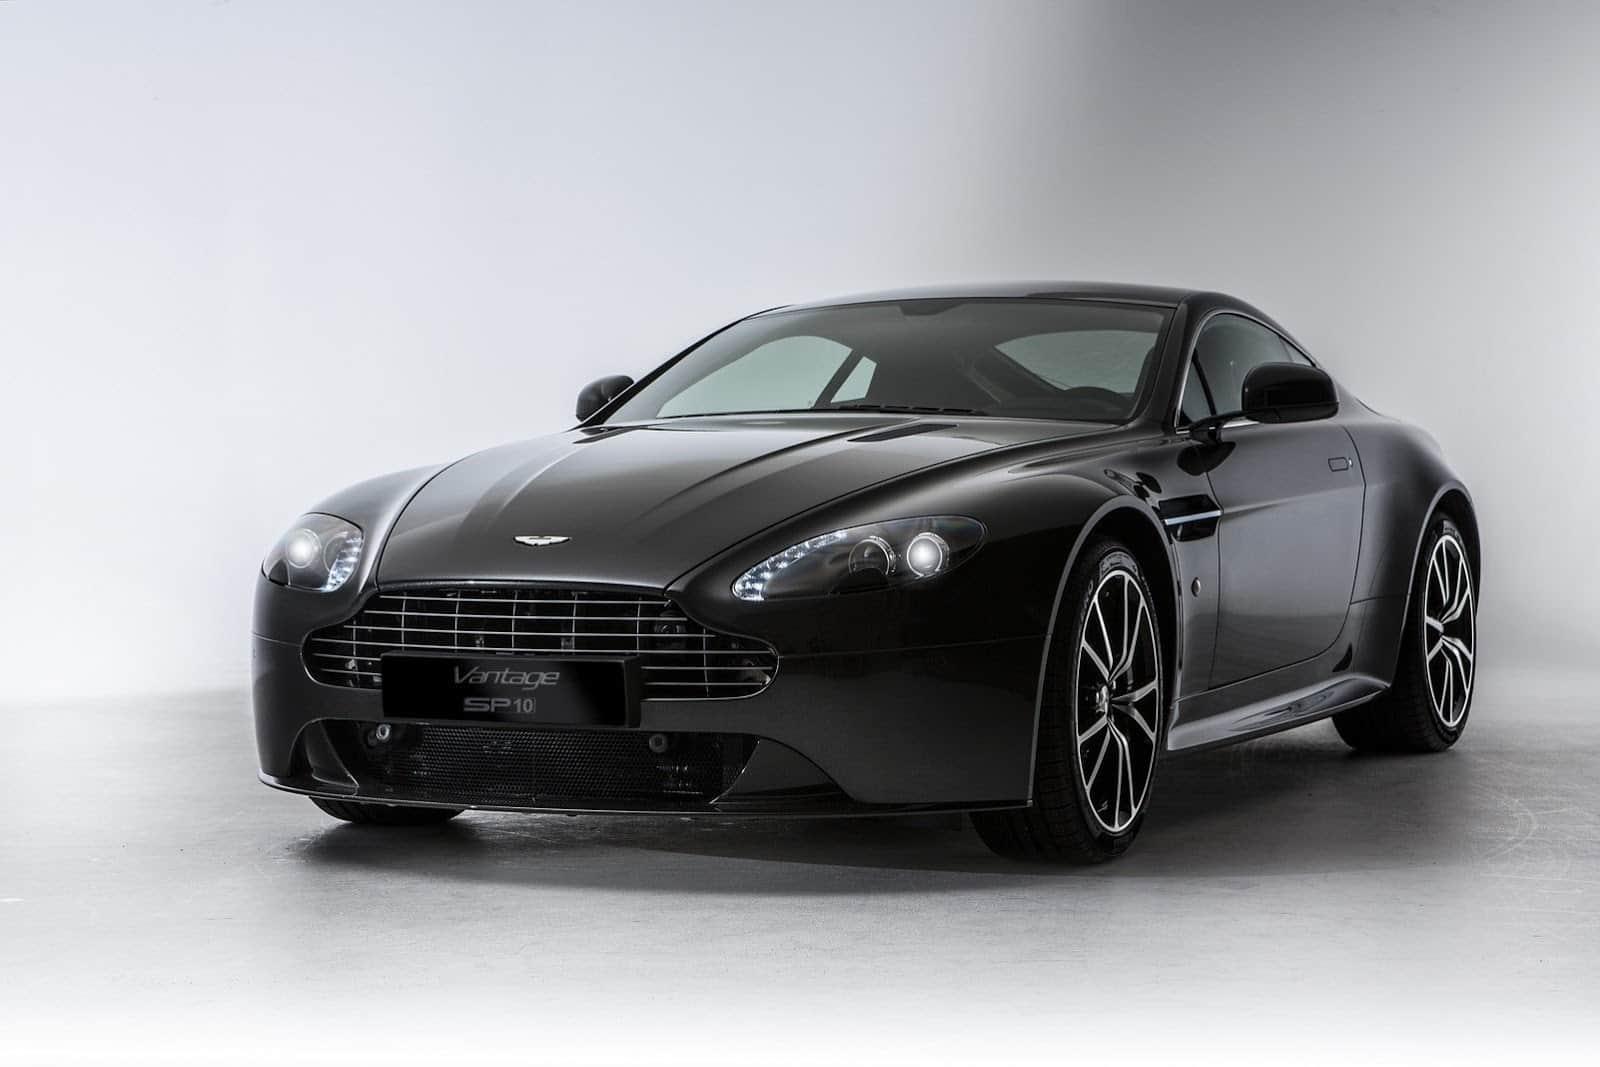 Aston Martin Vantage SP10 1